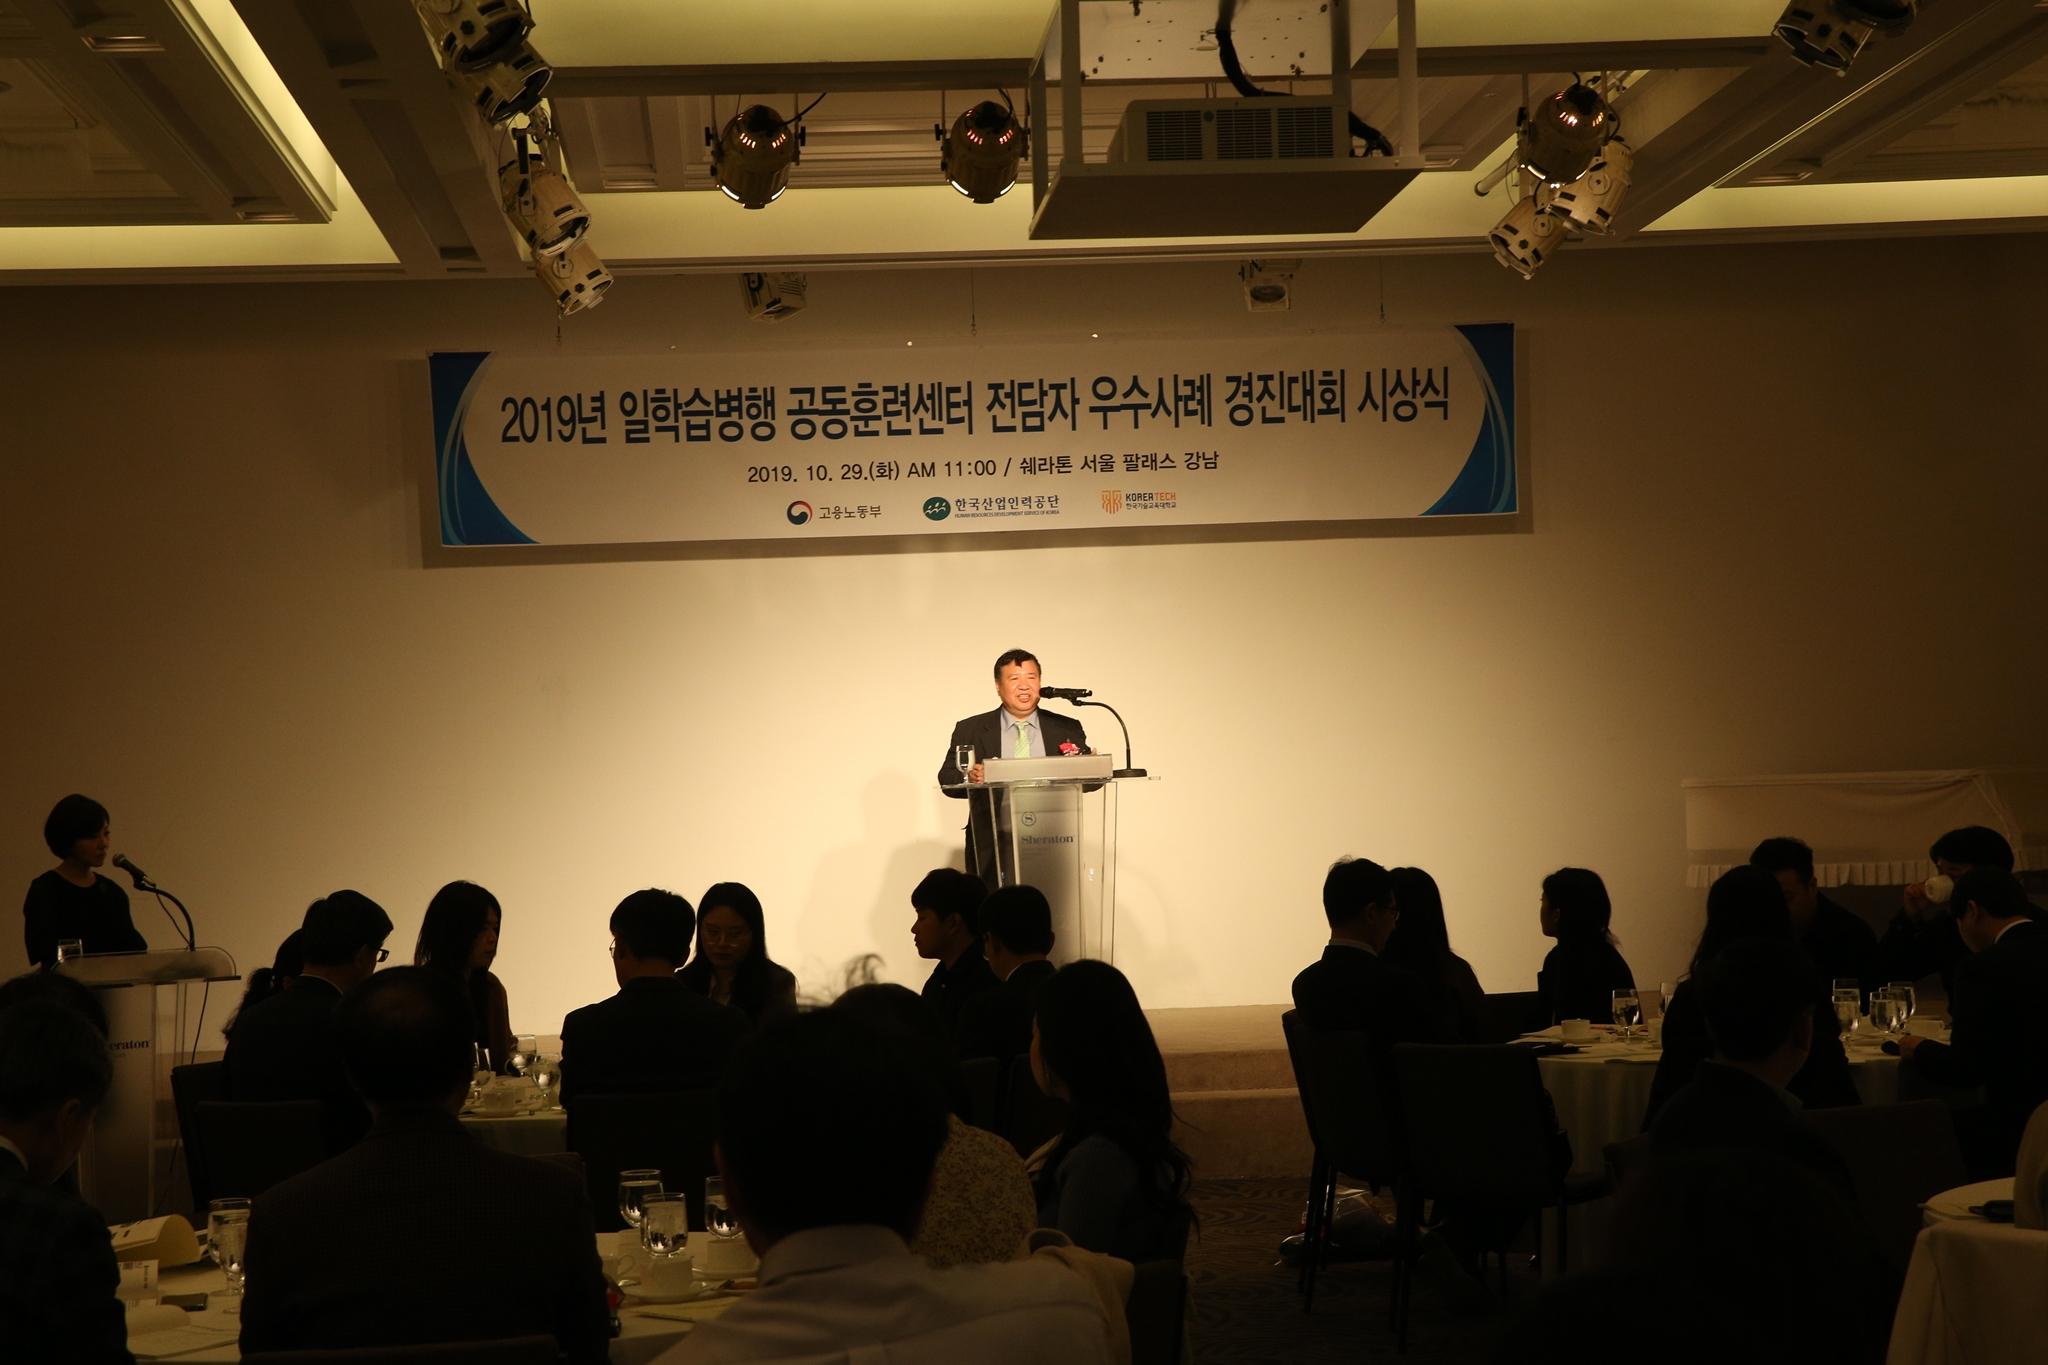 김준태 국장 인사말 (2).JPG